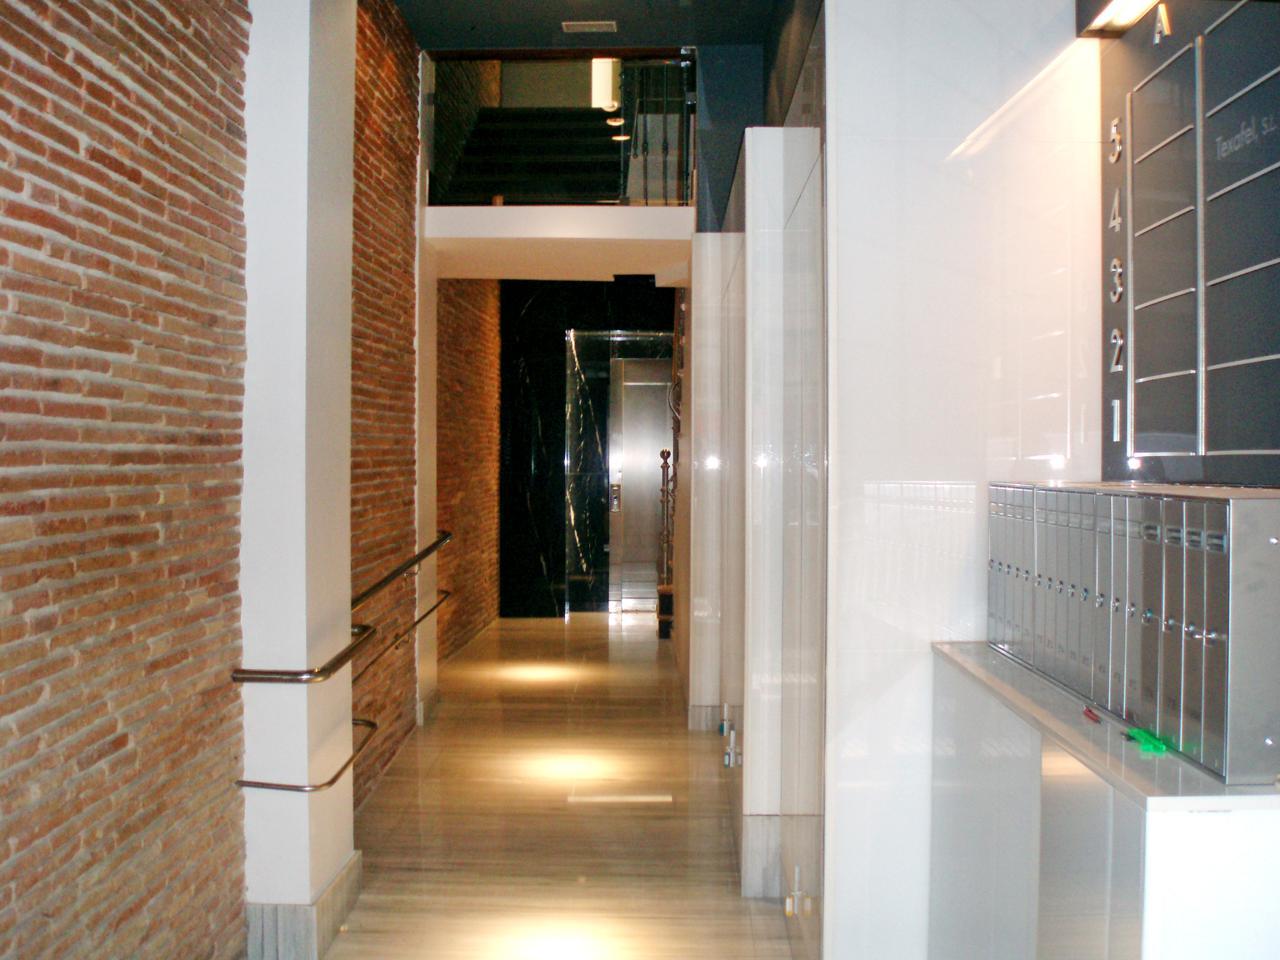 Oficina en alquiler en Logroño de 37 m2. Ref: AO0314